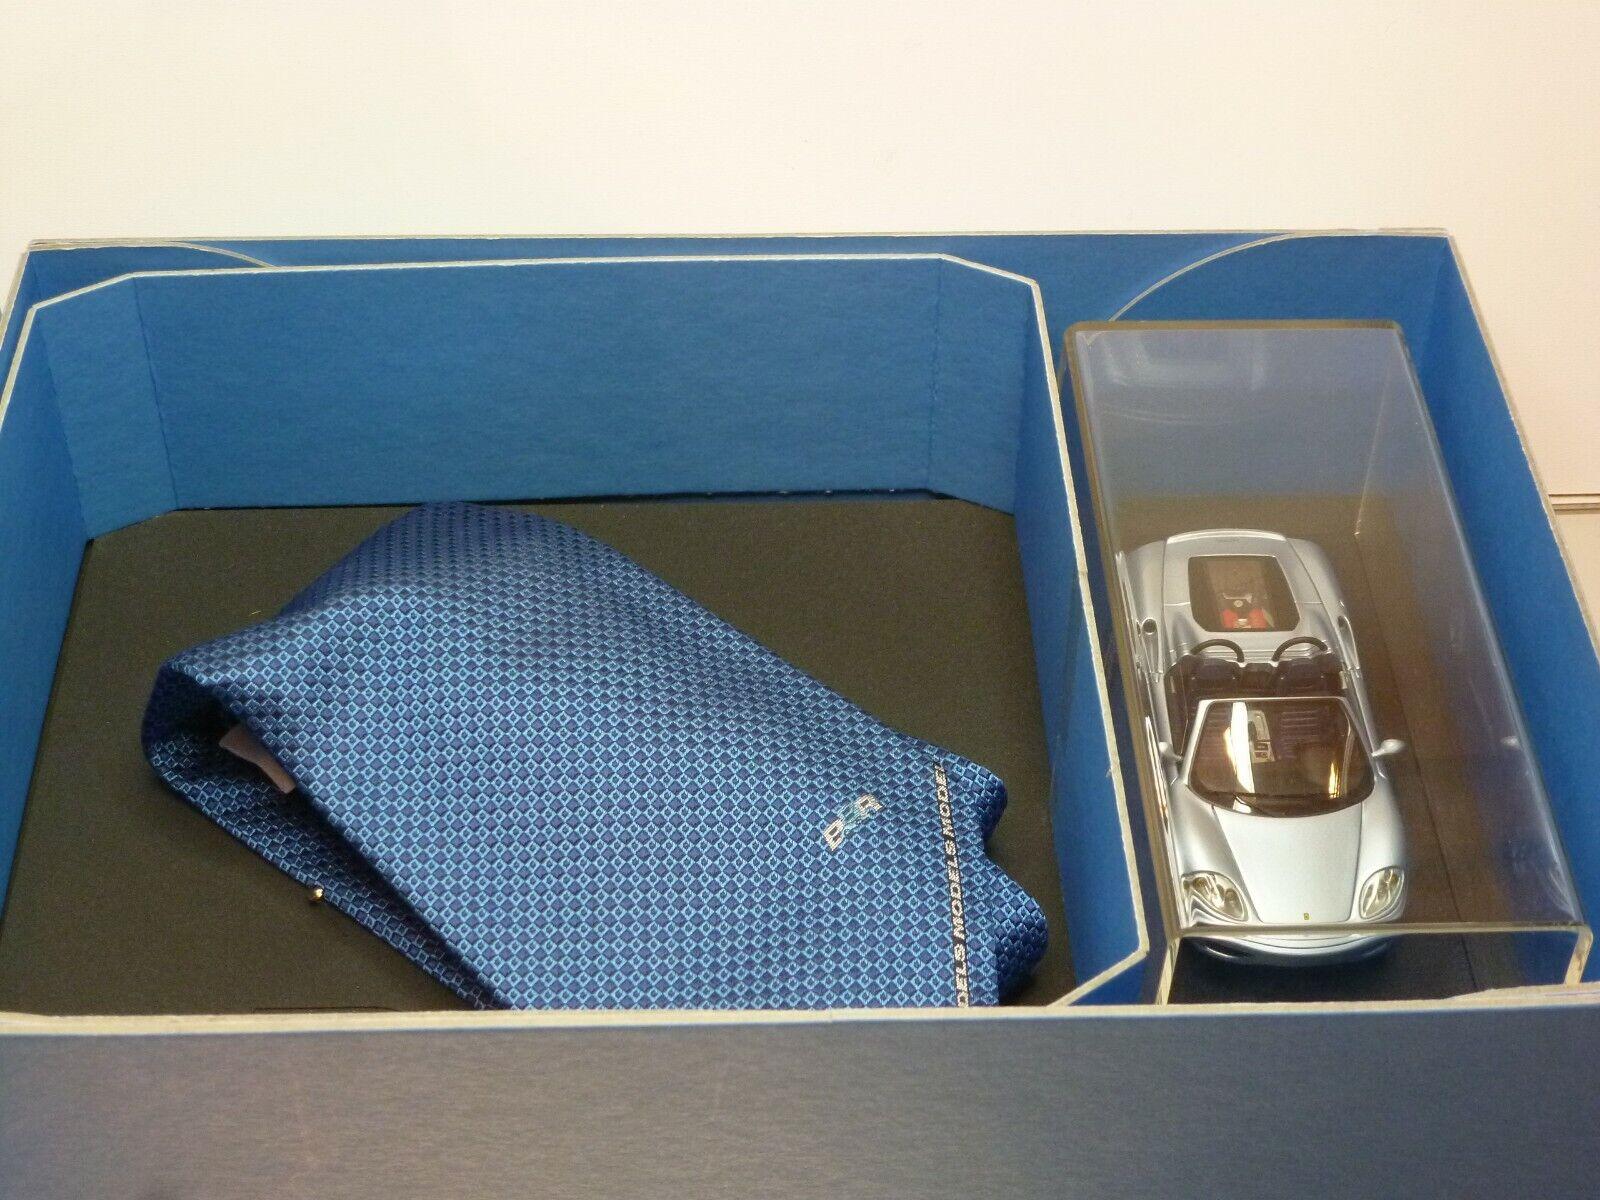 ventas calientes BBR CR01 CR01 CR01 FERRARI 360 MODENA SPYDER - ltd ed.+BBR TIE - 1 43 - EXCELLENT IN BOX  venta al por mayor barato